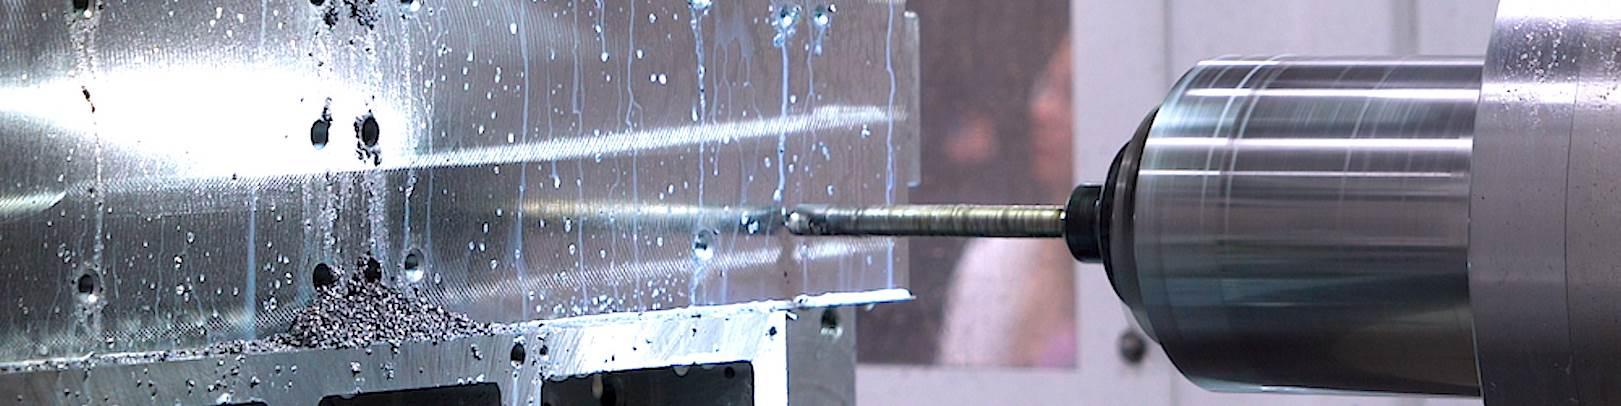 Desde que se modernizó con el nuevo control FANUC, la máquina de mandrinado tiene capacidades expandidas, puede mantener tolerancias más estrechas y es capaz de ajustarse a velocidades de desplazamiento más rápidas.